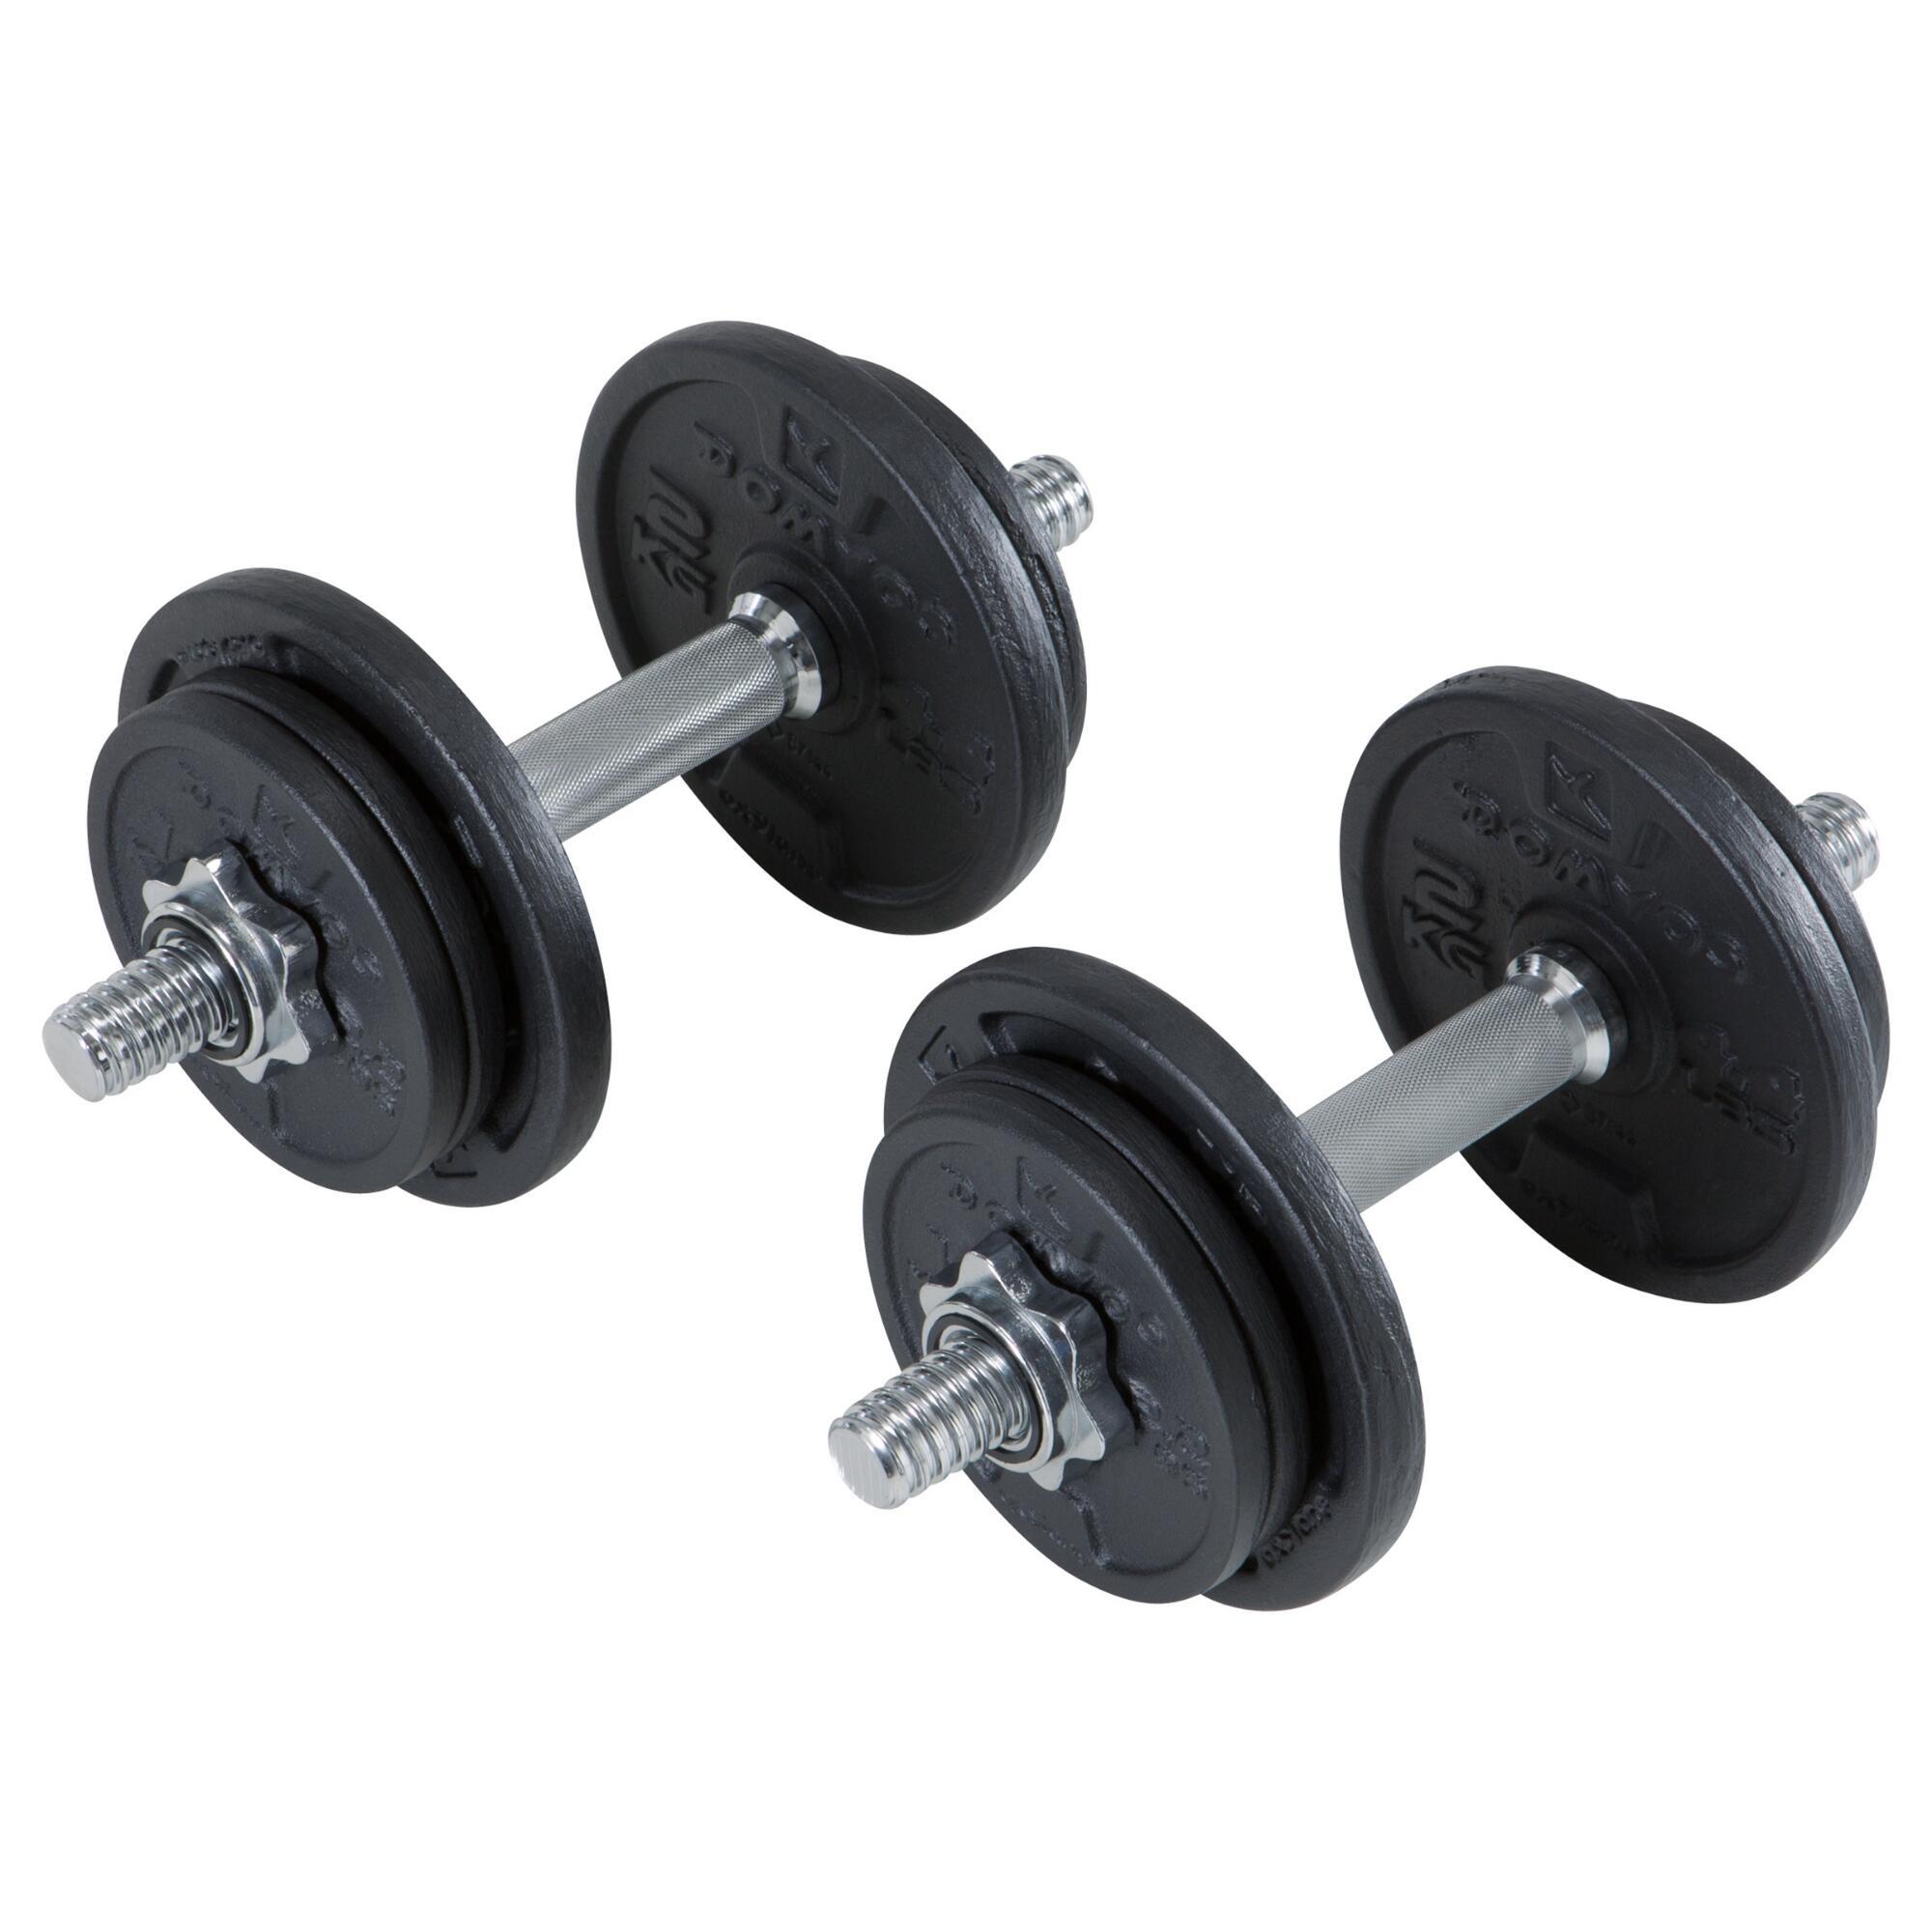 Ensemble haltères musculation 20 kg